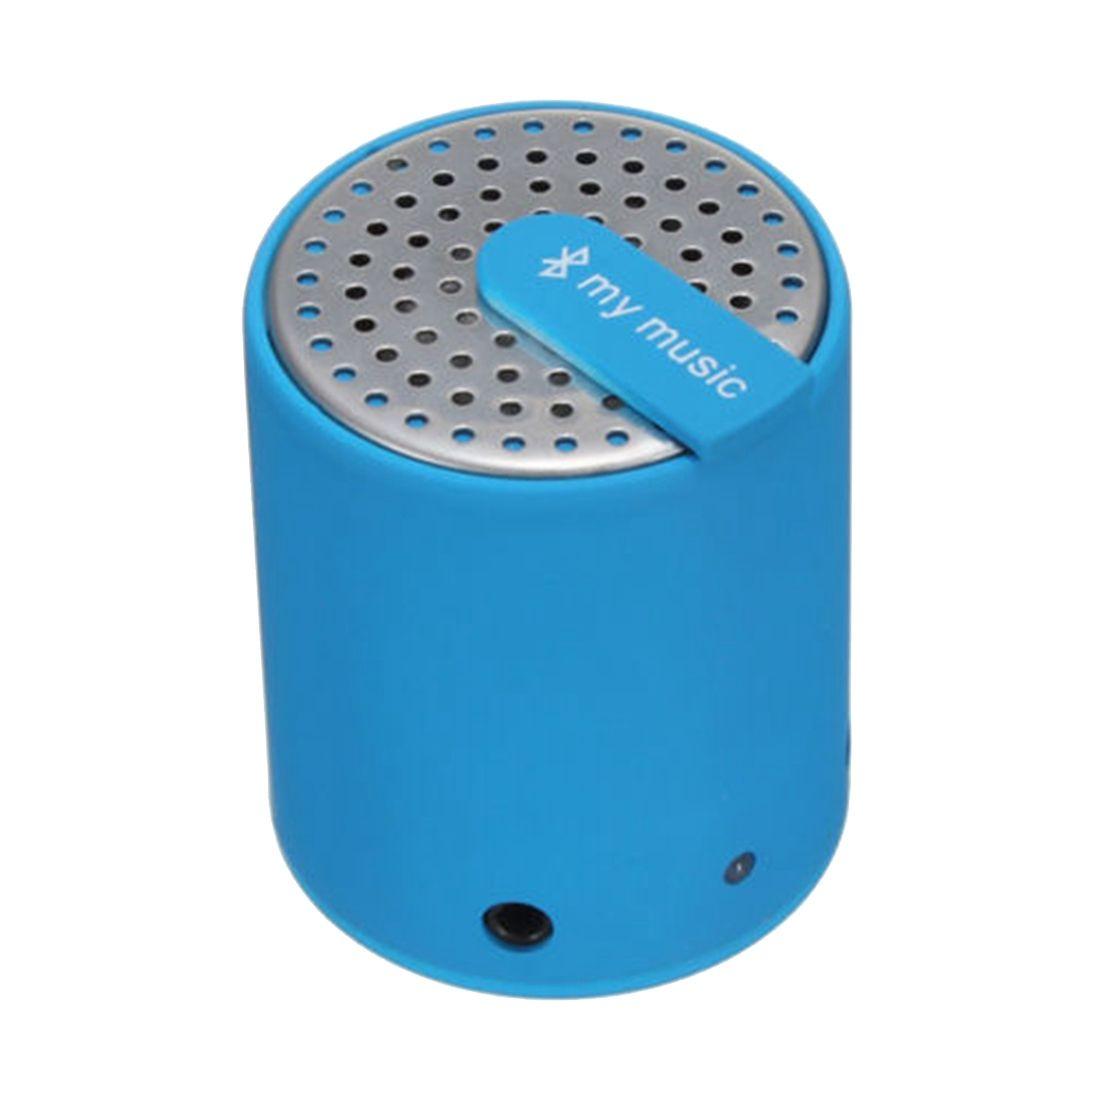 Mini Altavoz Bluetooth Caja de Sonido Reproductor de MP3 Musik estación de Handy pad